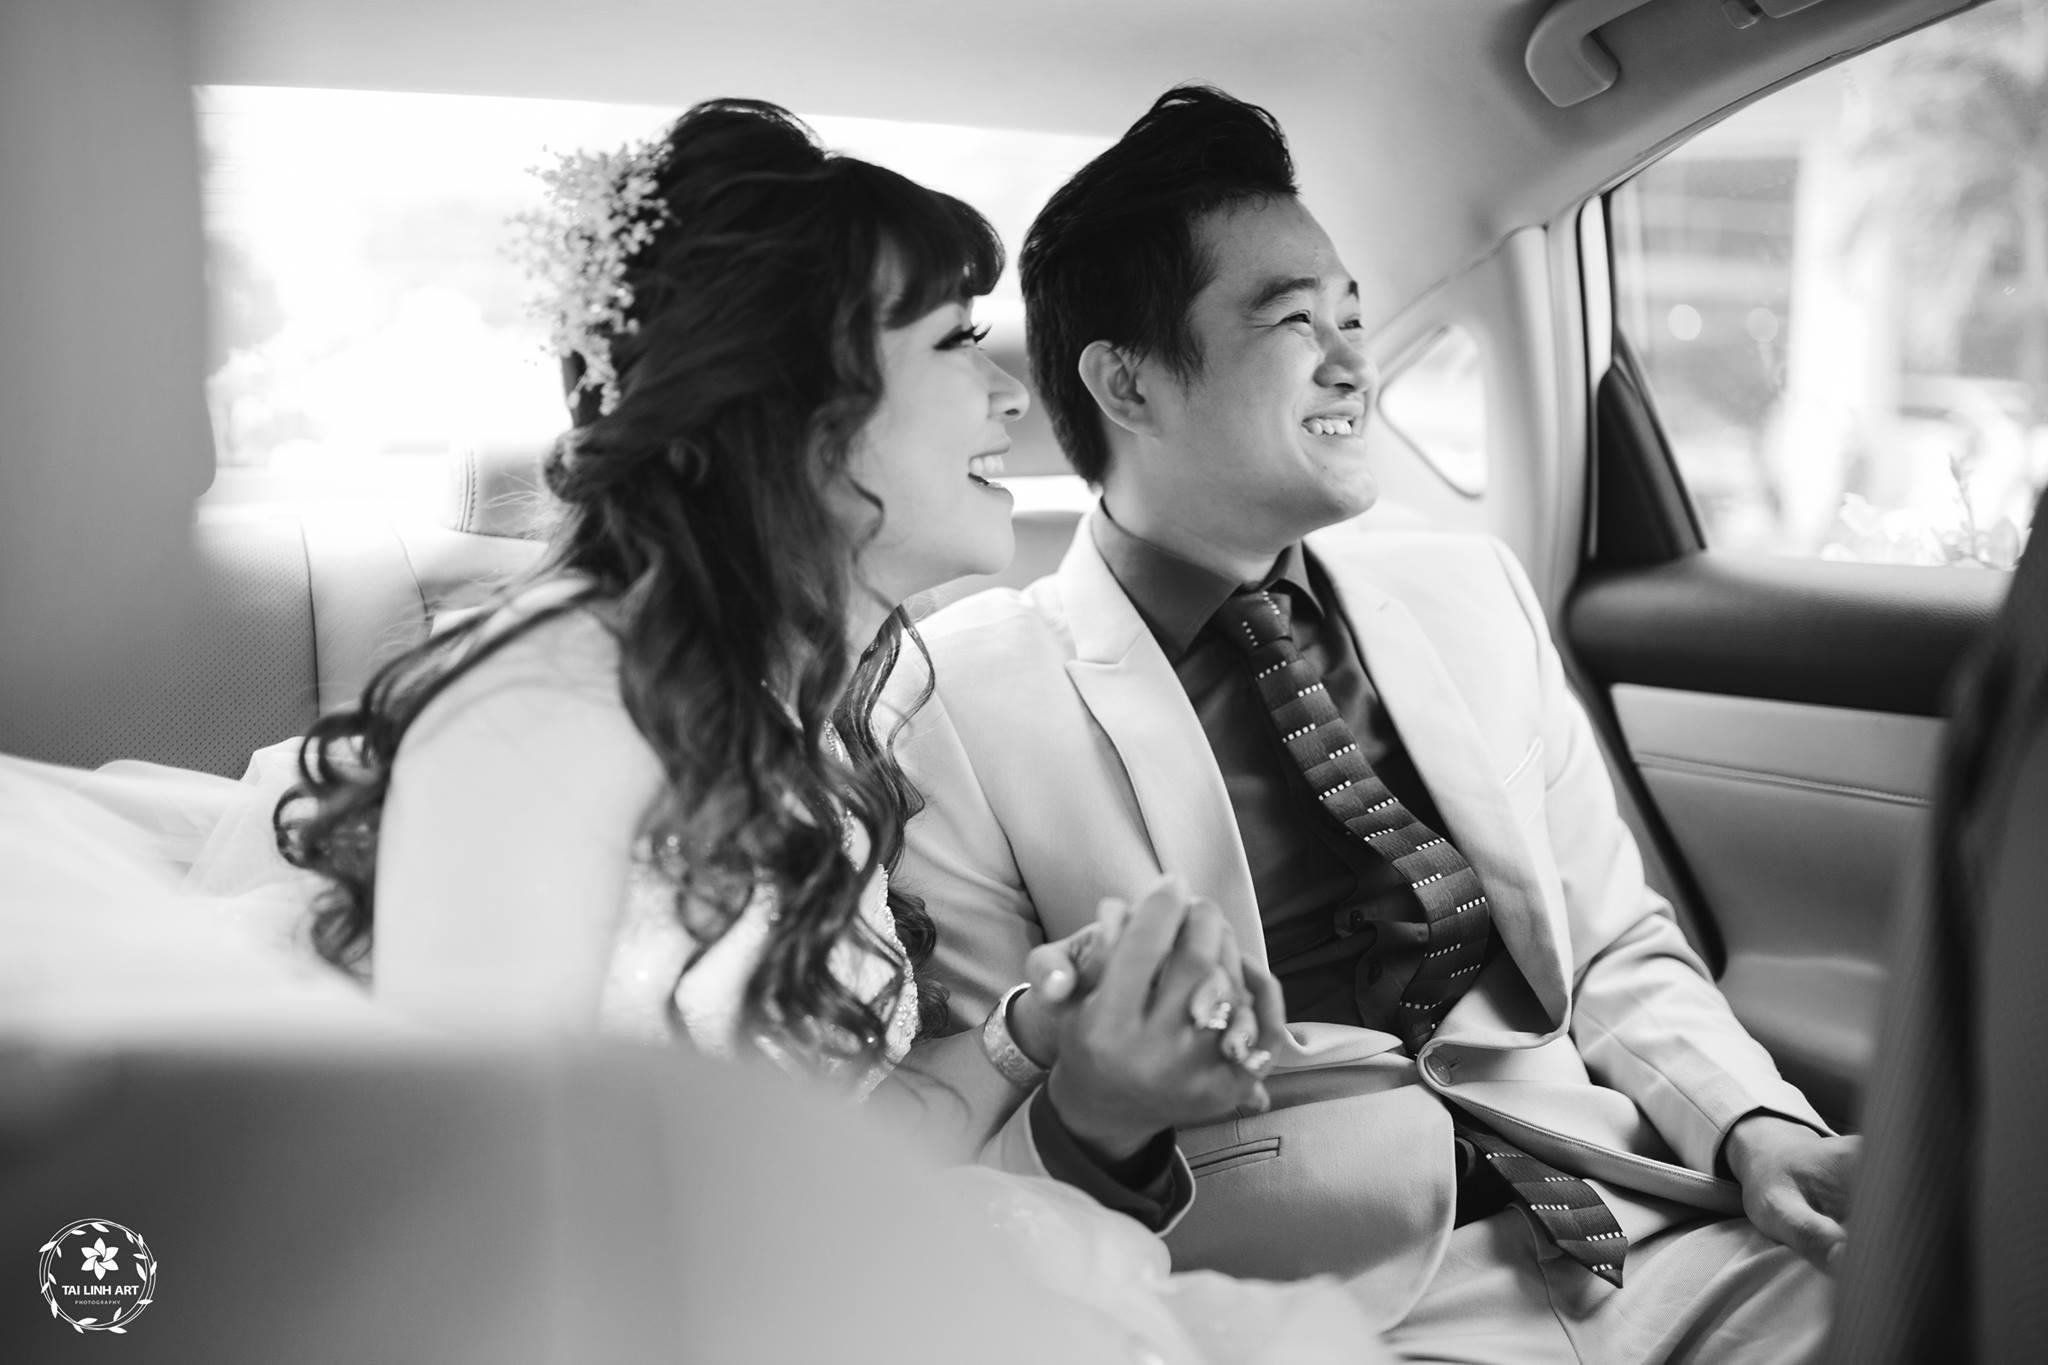 chụp ảnh phóng sự cưới đẹp bmt , chụp ảnh phóng sự cưới buôn ma thuột , chụp hình phóng sự đẹp daklak , quay phim phong sự cưới bmt